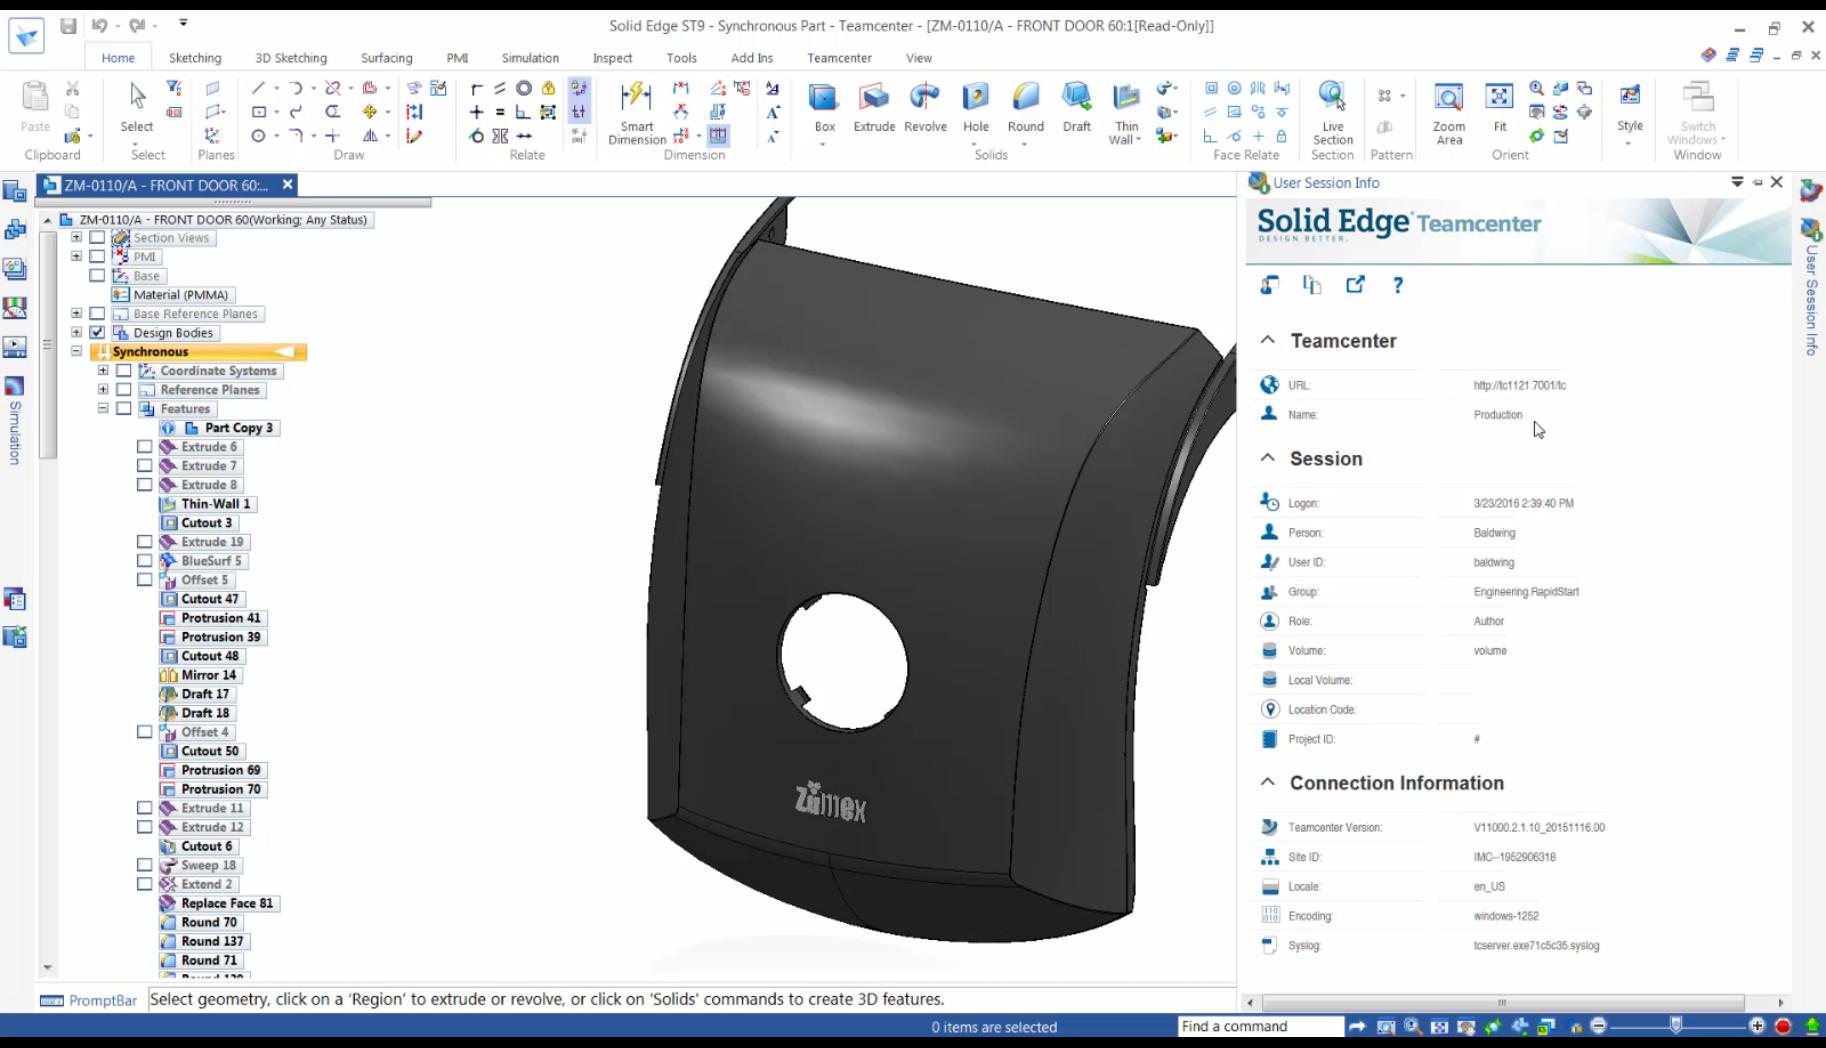 Informacje o sesji użytkownika - integrator Teamcenter dla Solid Edge ST9